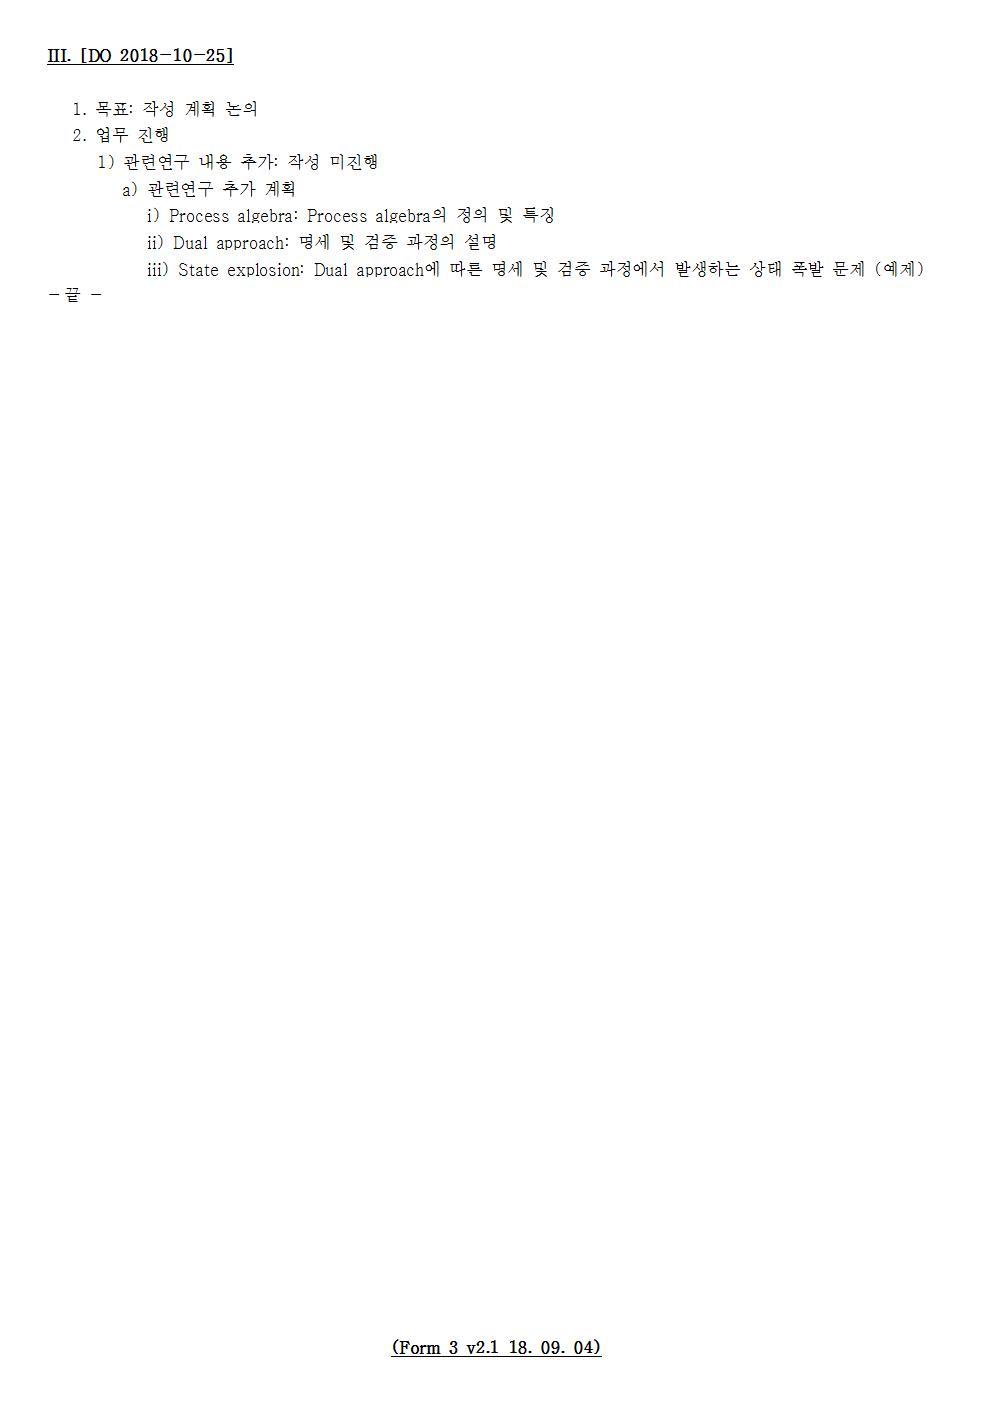 D-[18-009-PP-03]-[Choice]-[2018-10-25][YB]002.jpg